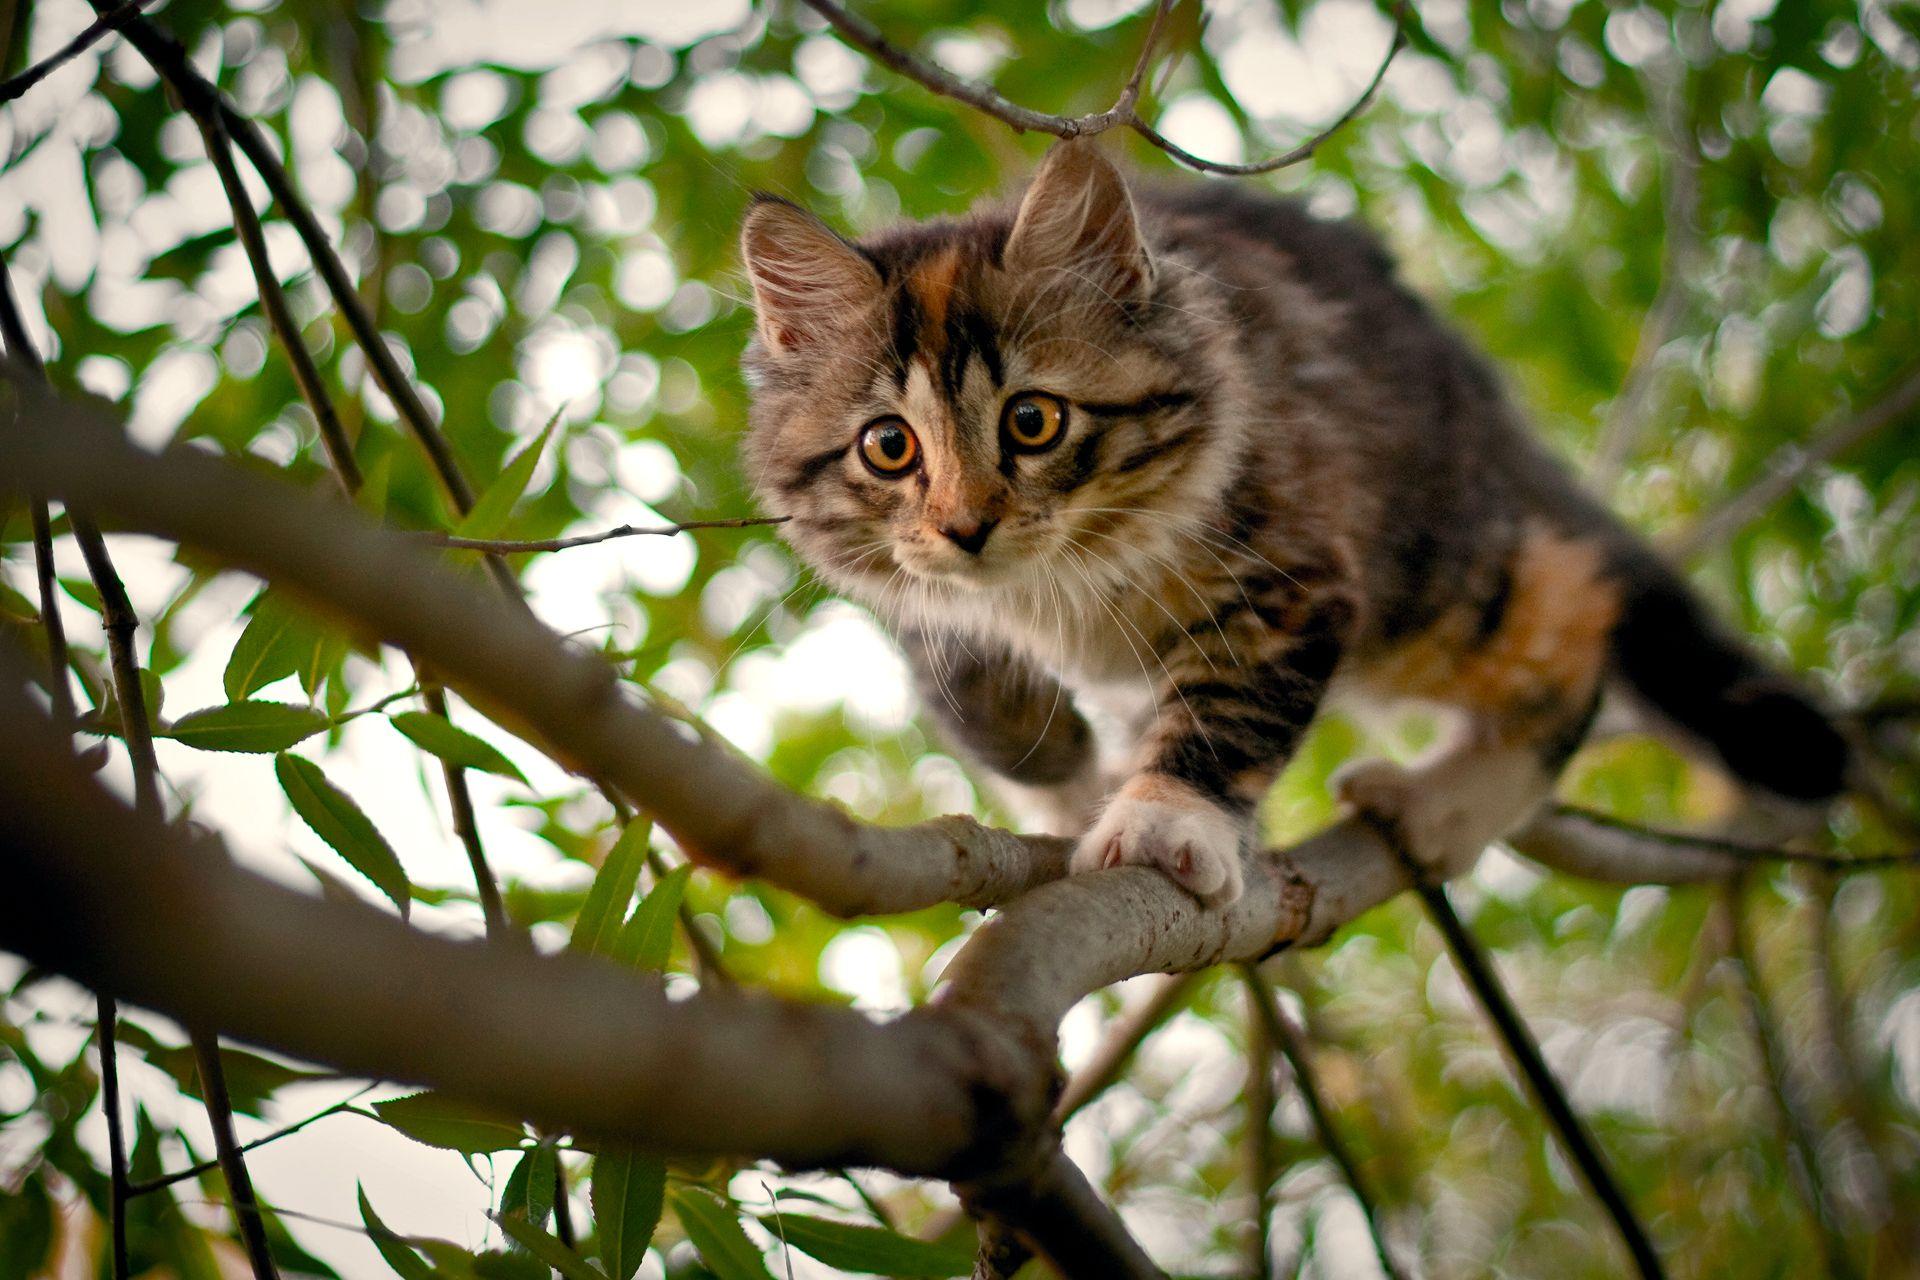 природа животные кот котенок серый журавлики nature animals cat kitten grey cranes  № 654716 загрузить